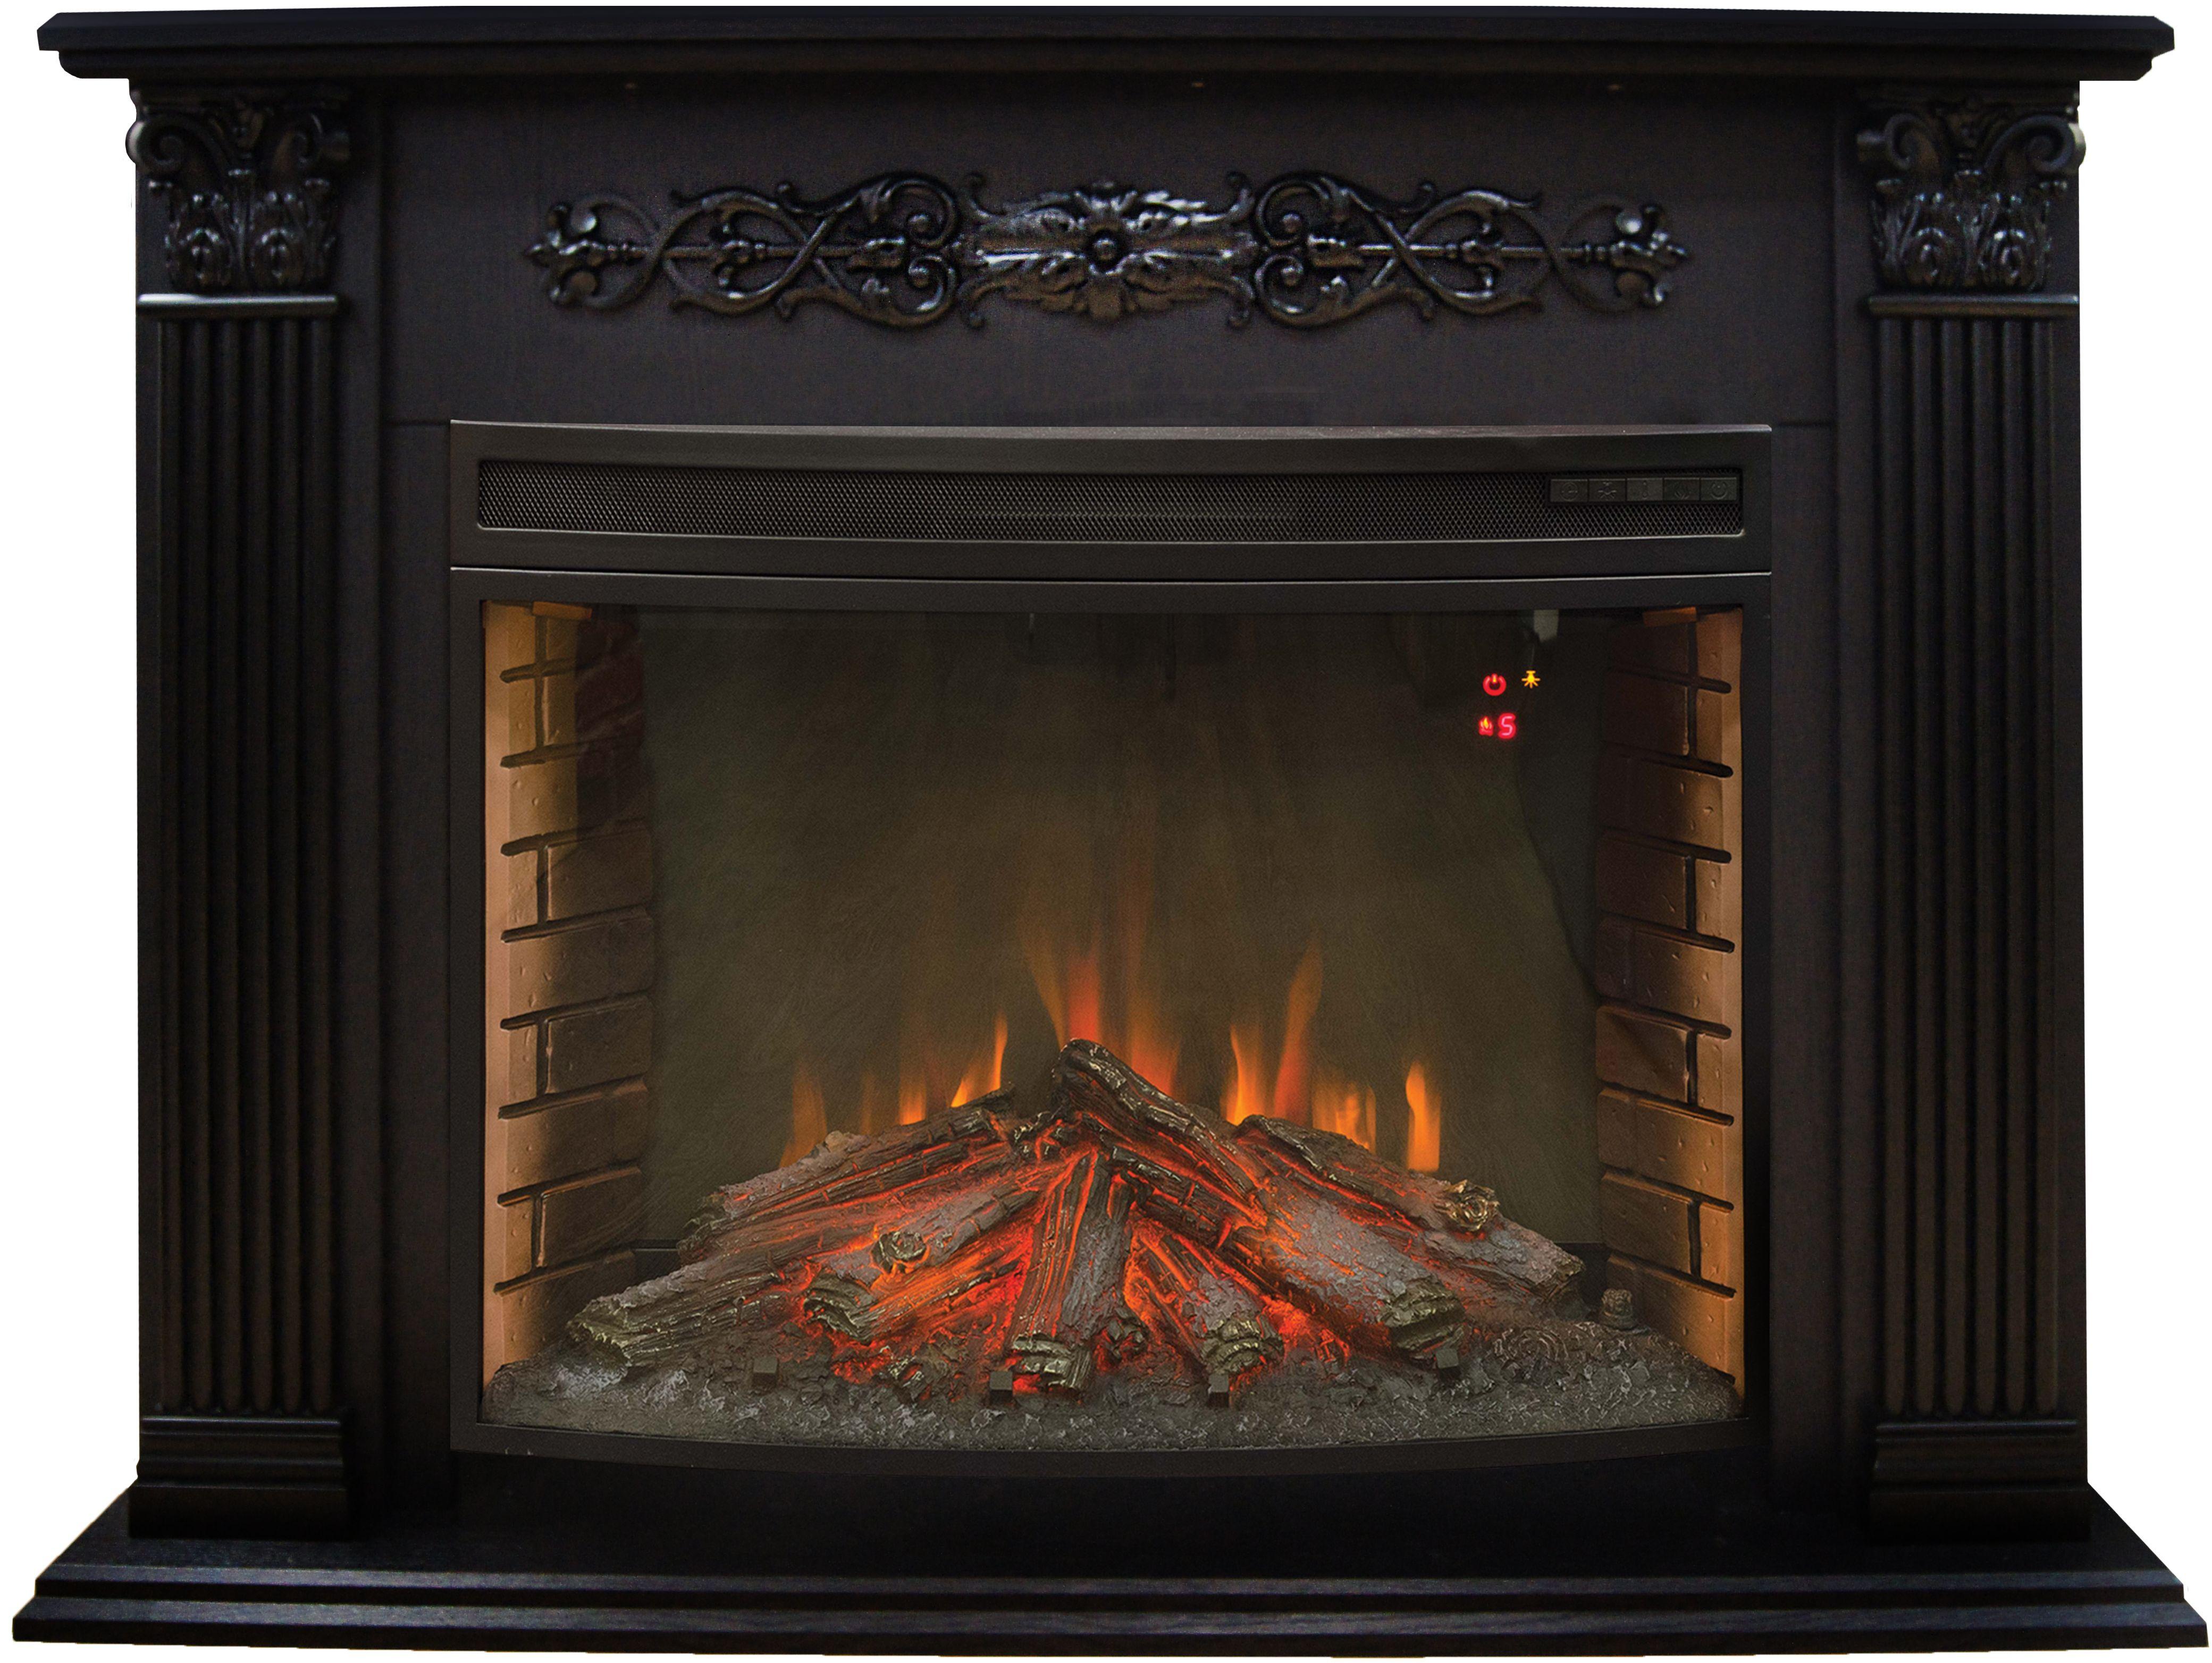 Электрокамин Real flame Milton 33 dn + firespace 33 s ir электрокамин real flame saturn